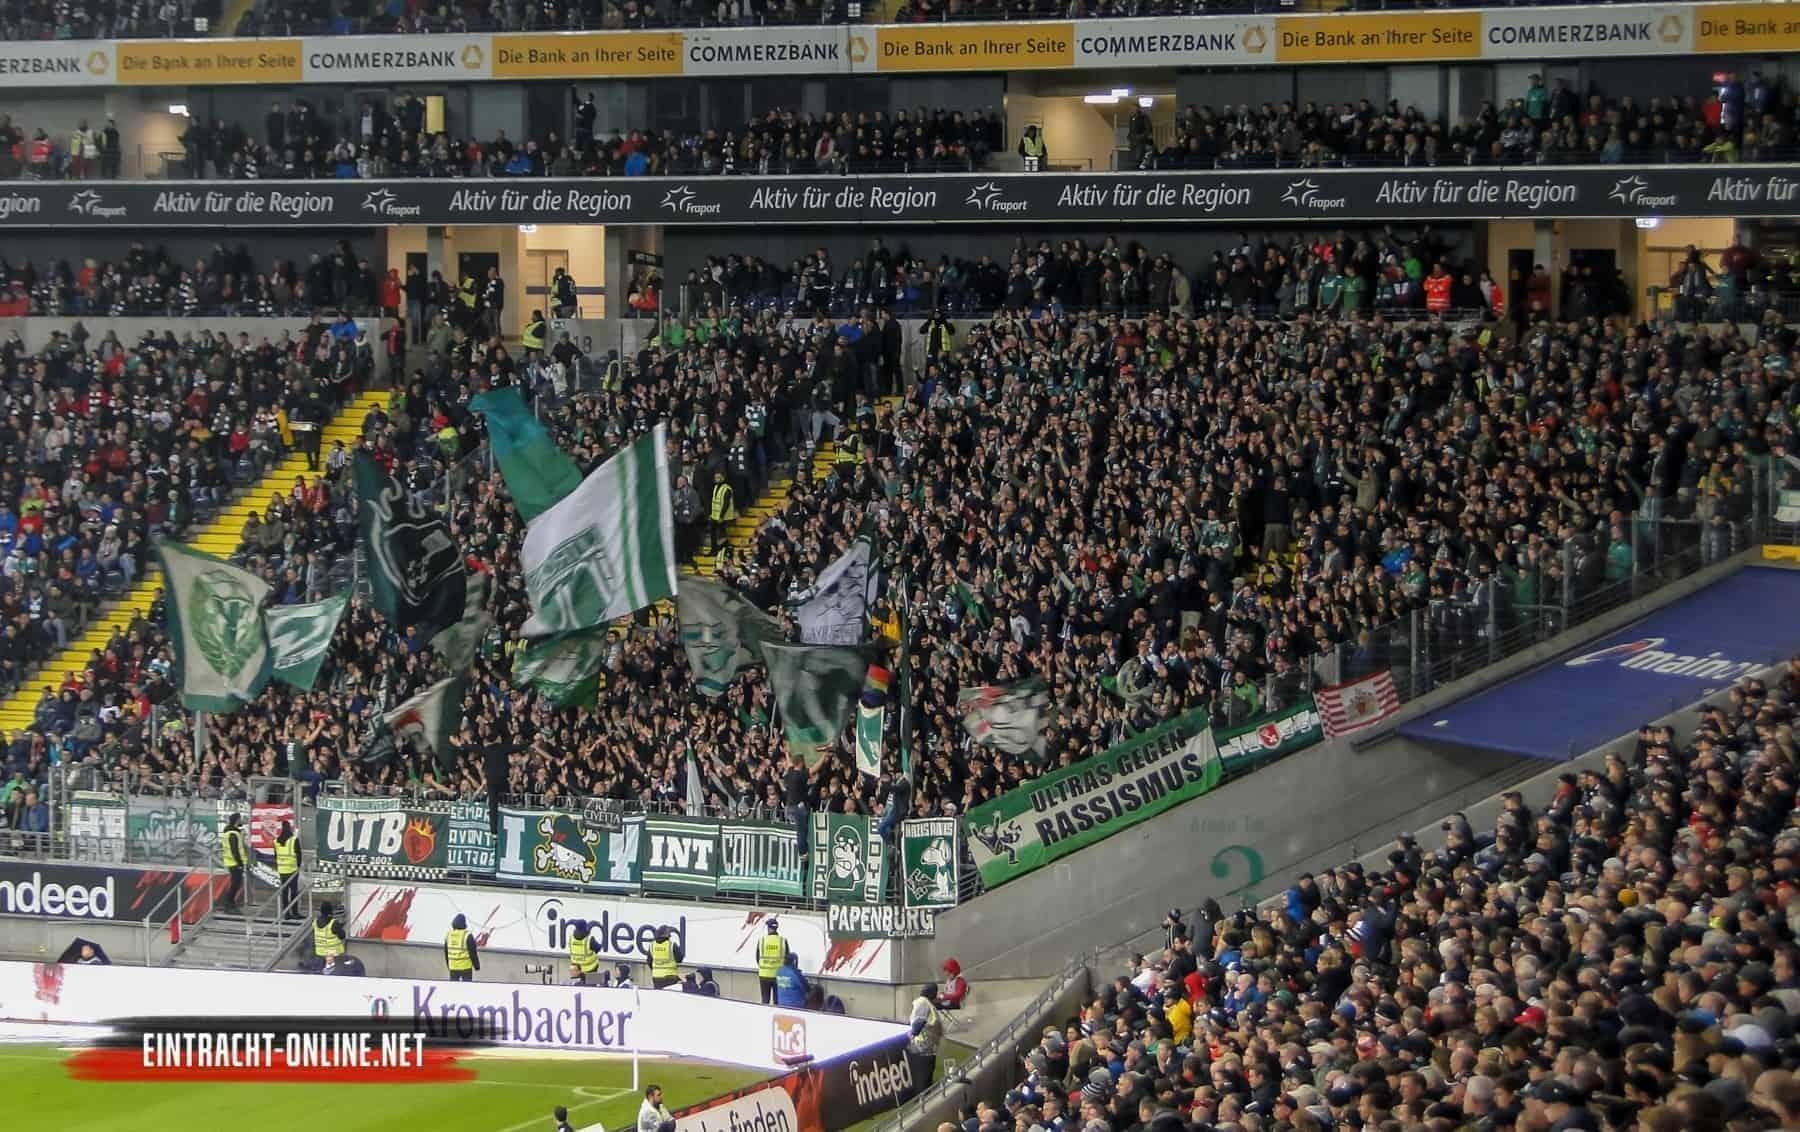 19-20-eintracht-frankfurt-sv-werder-bremen-26